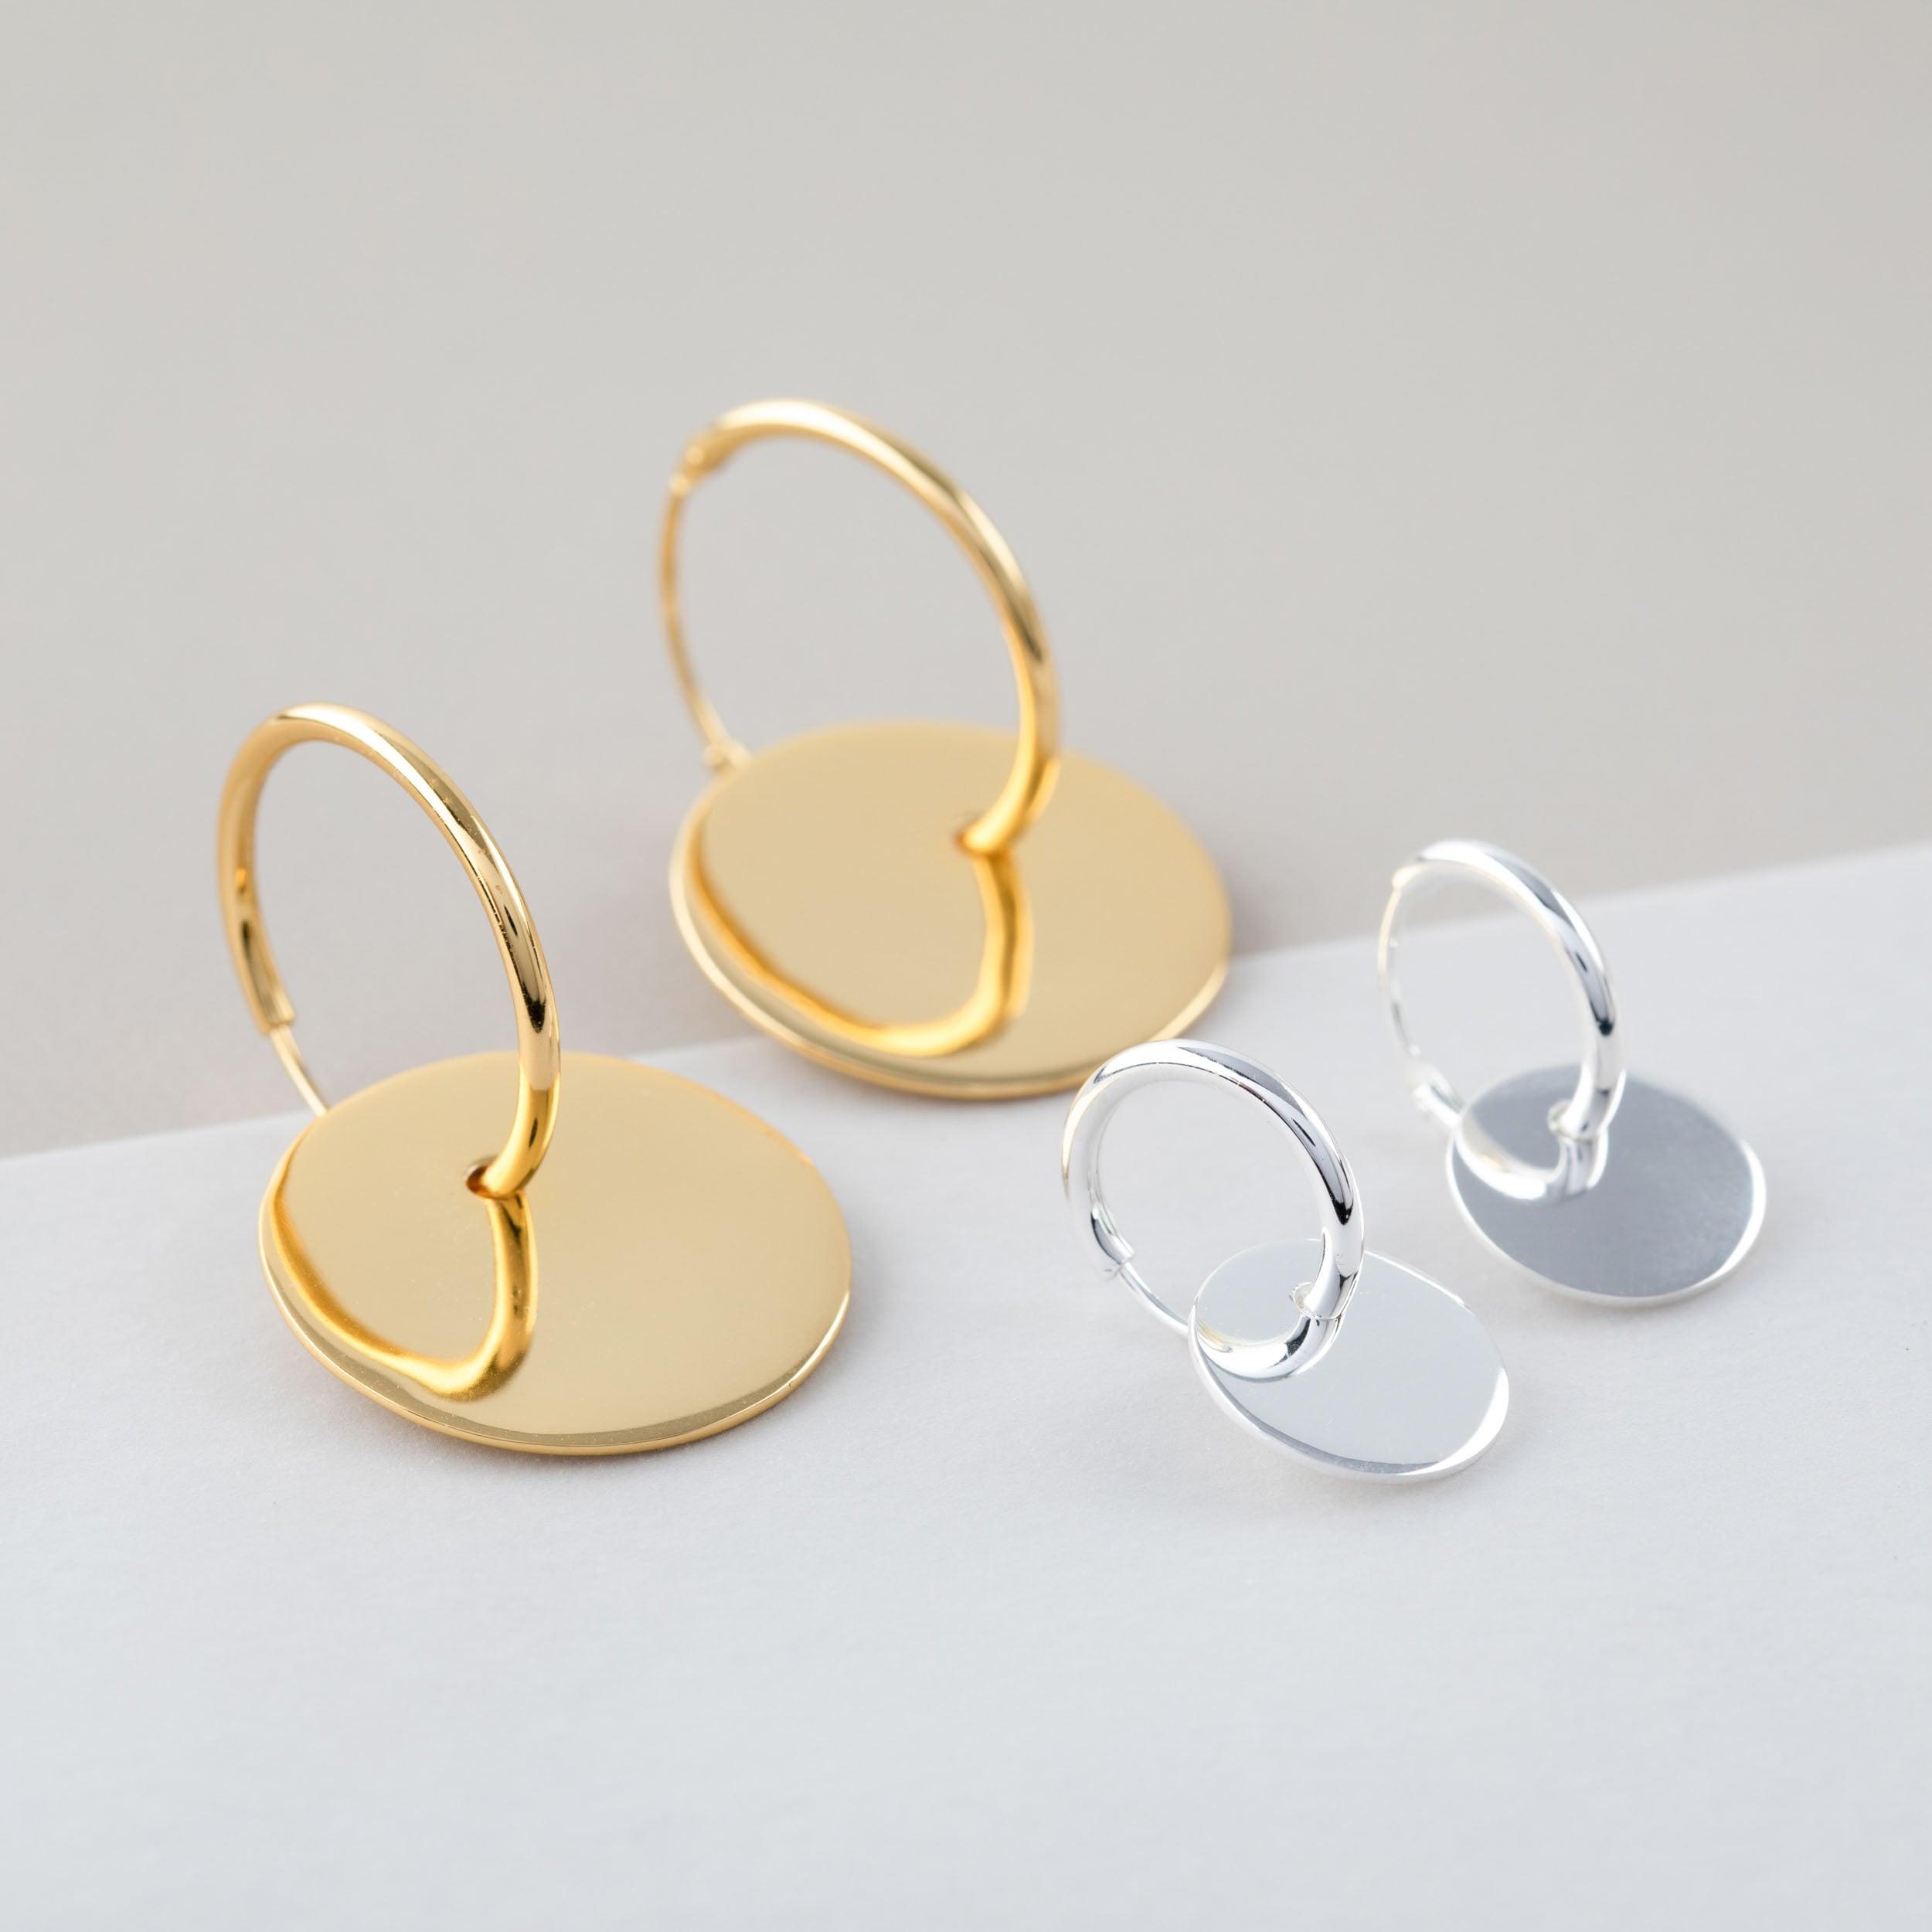 945c21c40 Large Dangle Hoop Earring, Double Hoop Earring, Sterling Silver Disc Earring,  Flat Hoop Gold, Big Thin Hoop, Modern Hoop Earring, Dainty